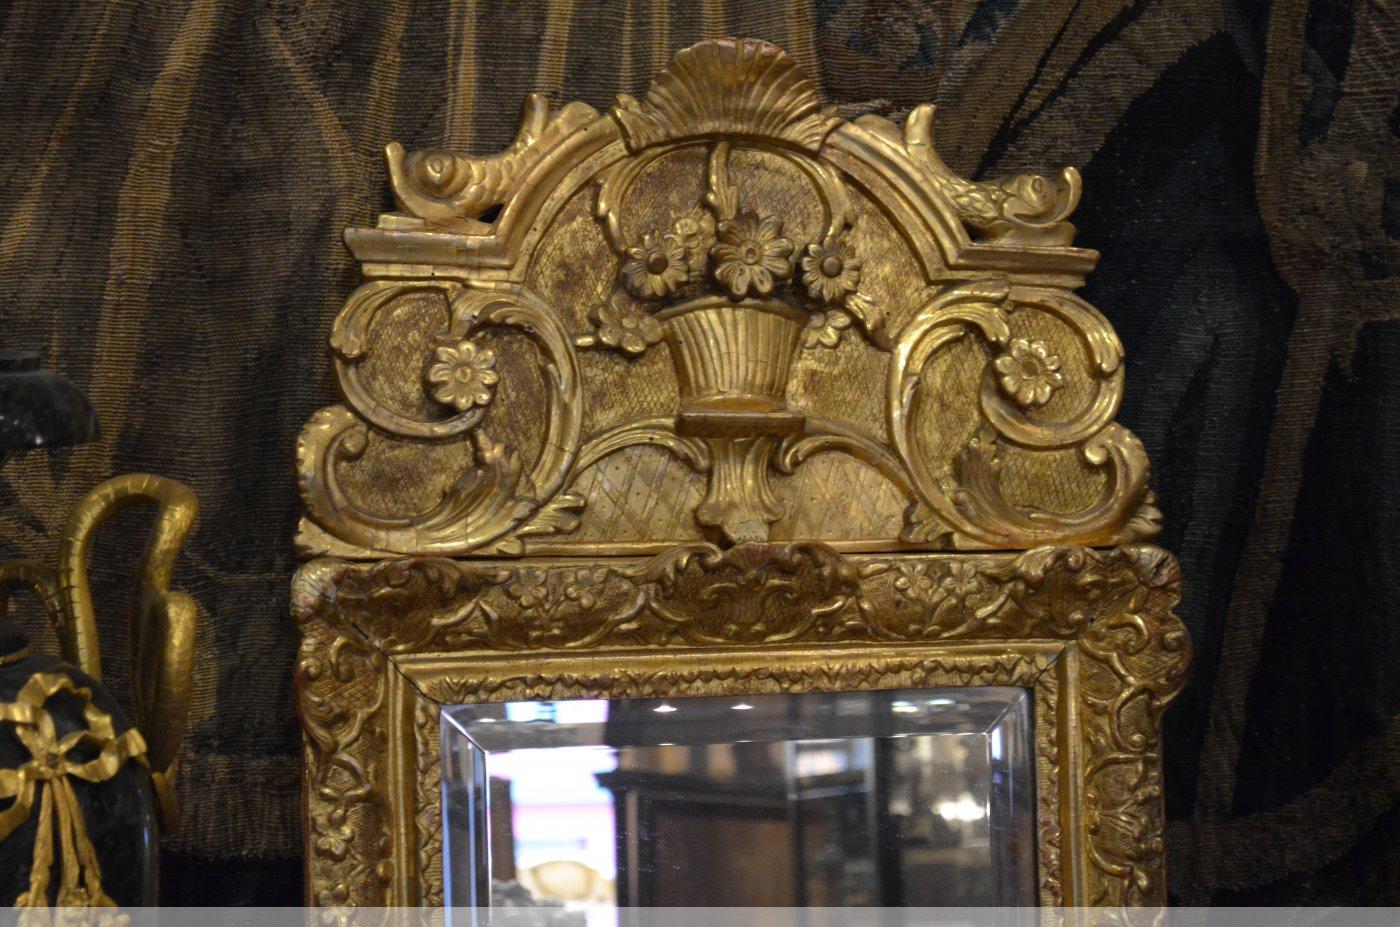 Miroir en bois dor d 39 poque louis xiv xviiie si cle n for Miroir louis xiv